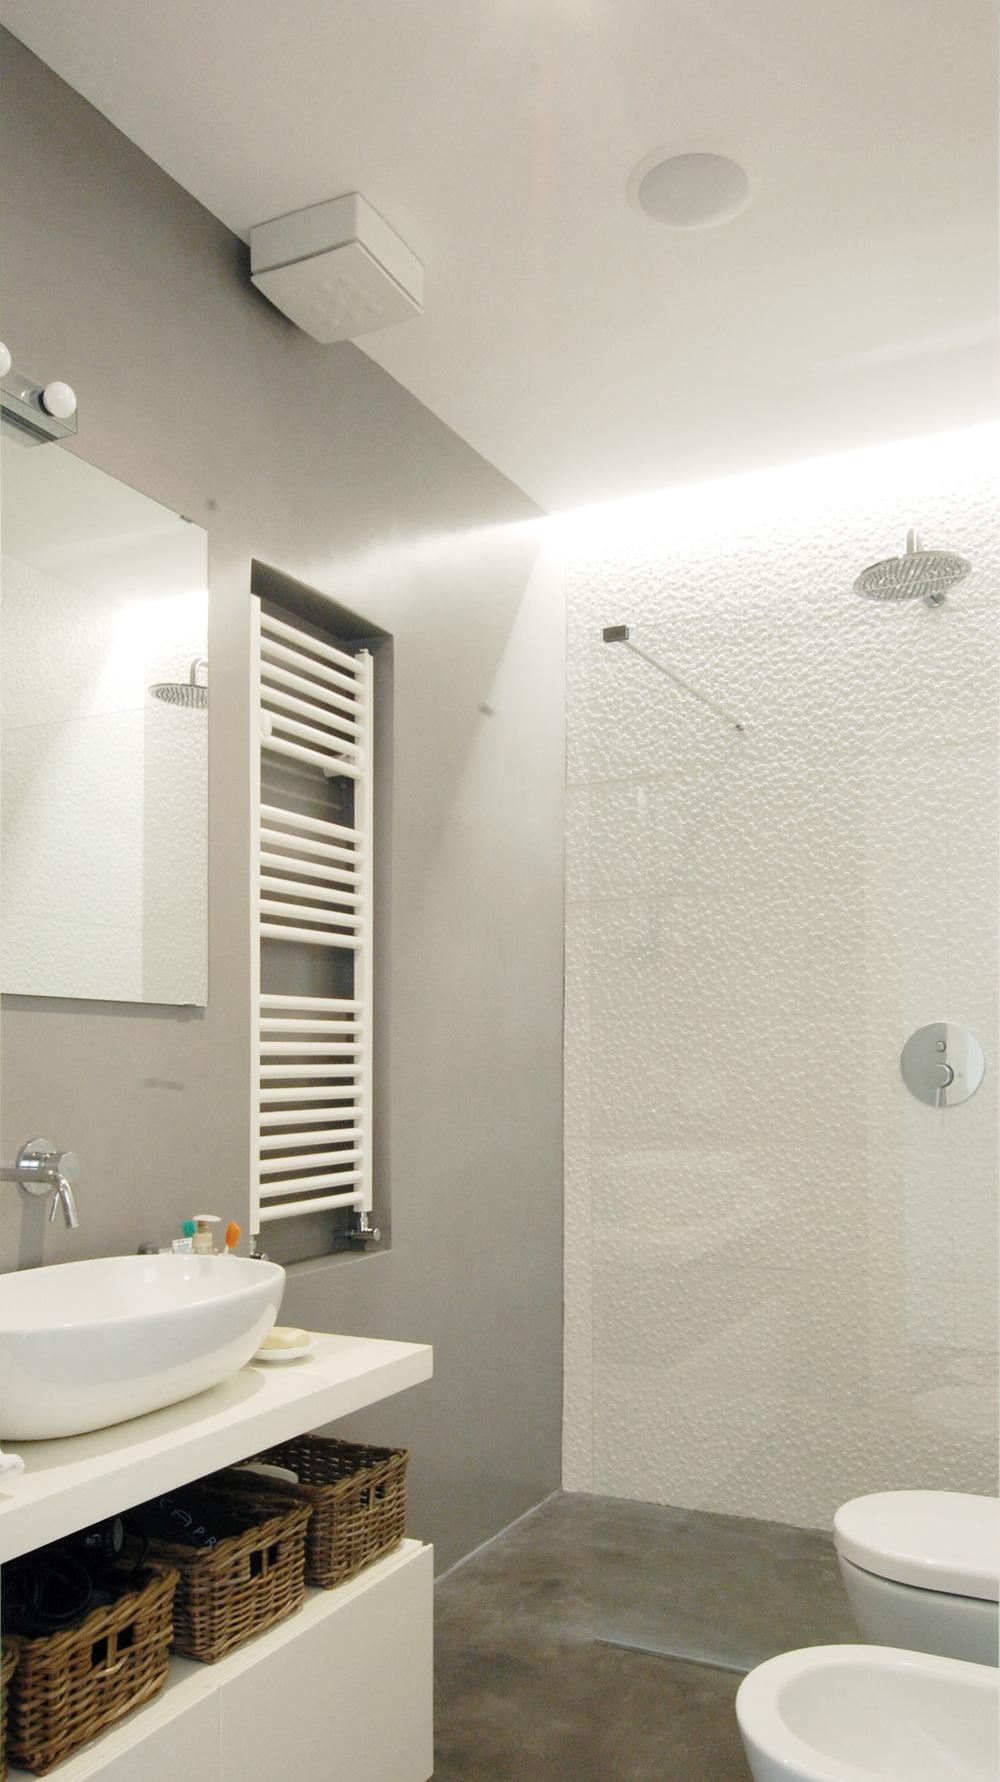 Il bagno, con la doccia a filo pavimento e la luce radente la parete.